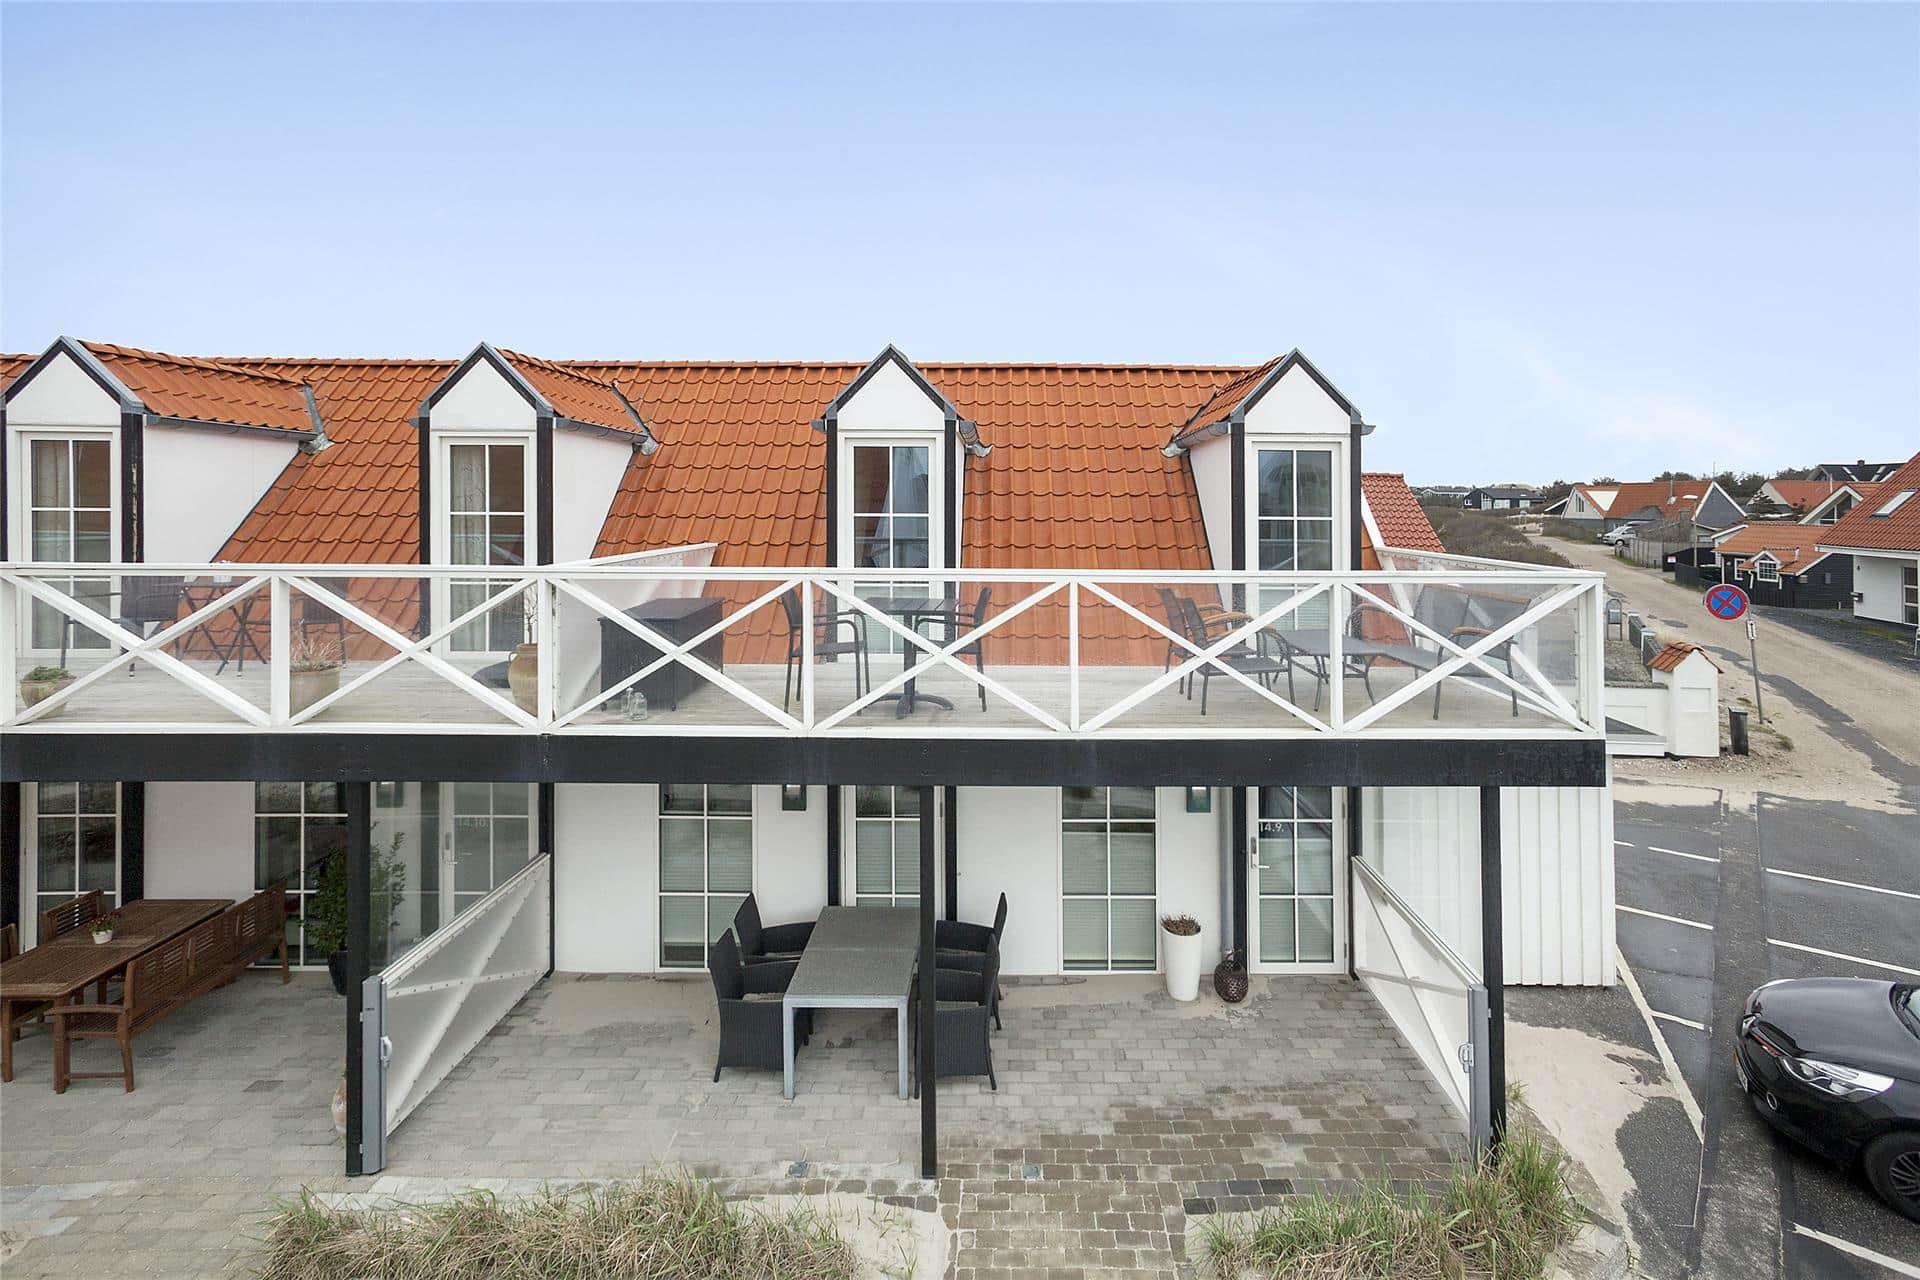 Bild 1-14 Ferienhaus 1260, Strandvejen 14, DK - 9492 Blokhus